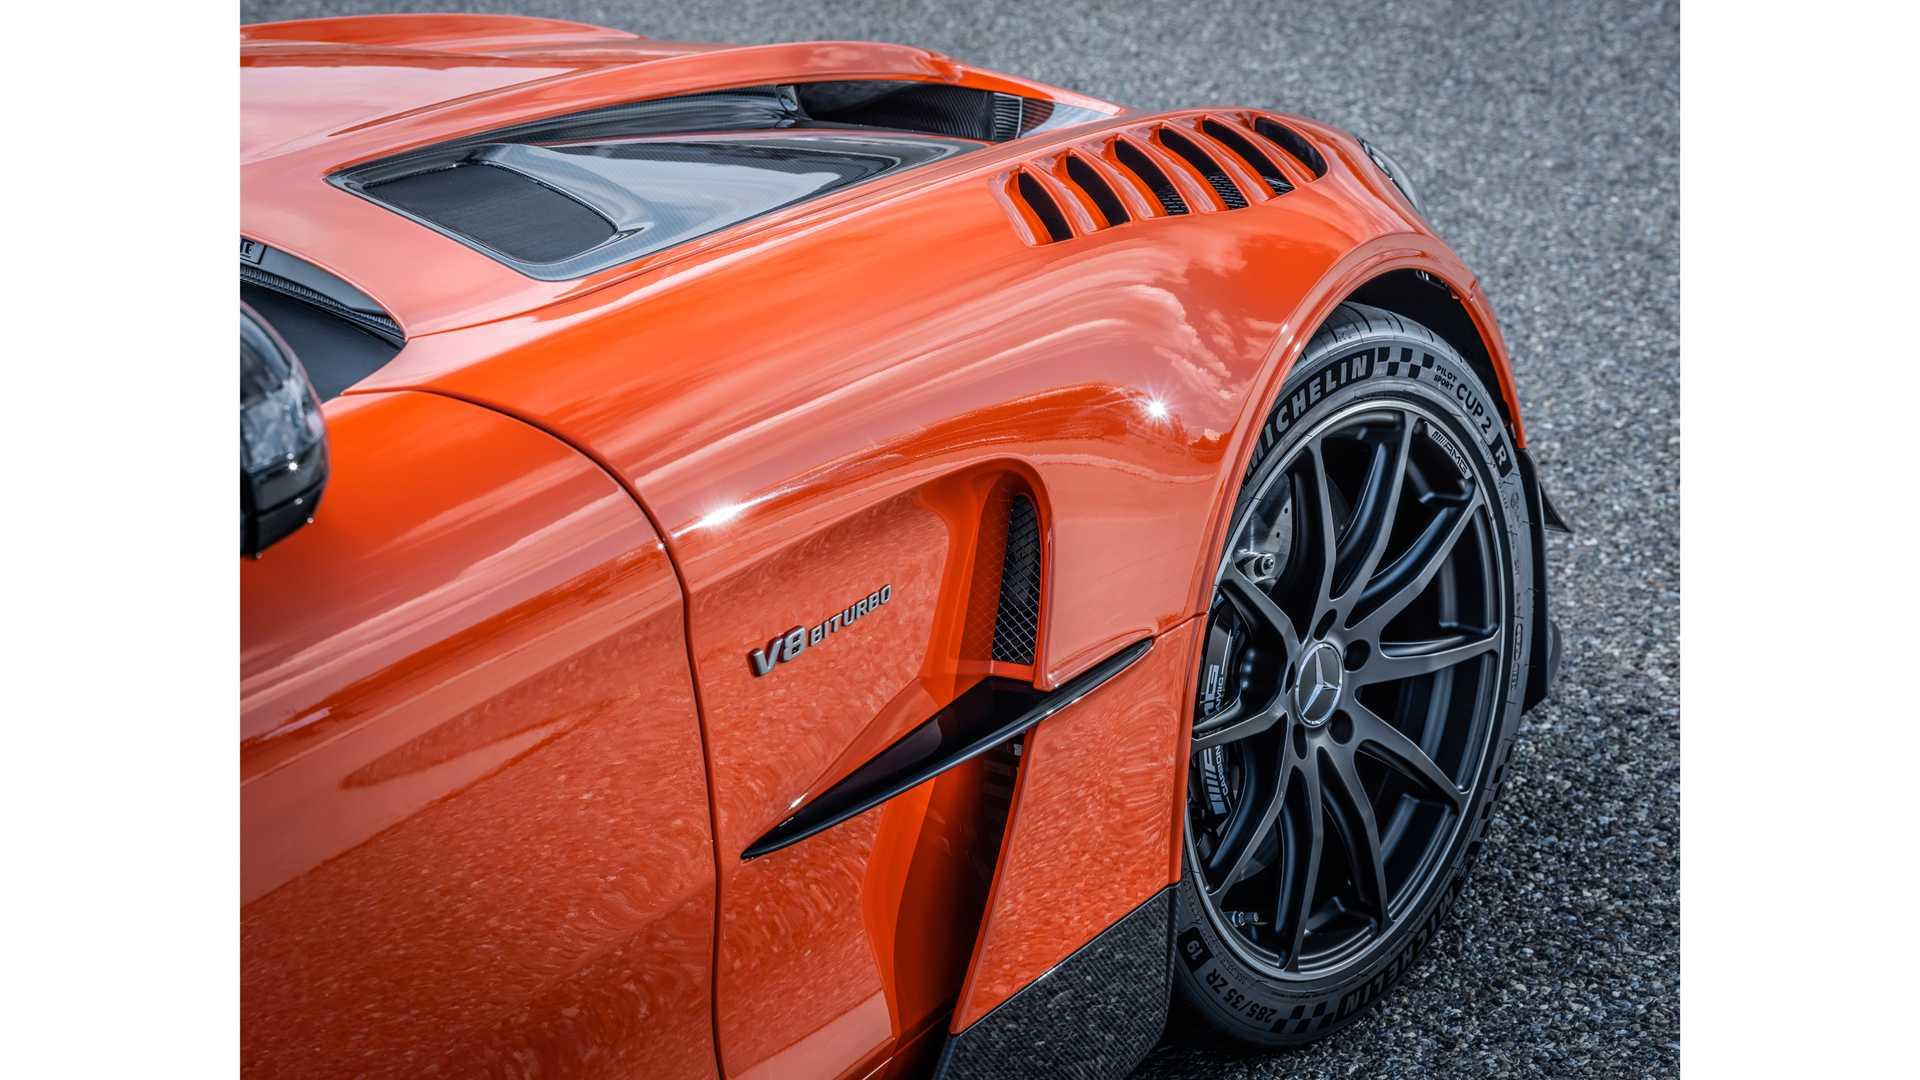 Pohľad na pravé koleso Mercedes-AMG GT Black Series